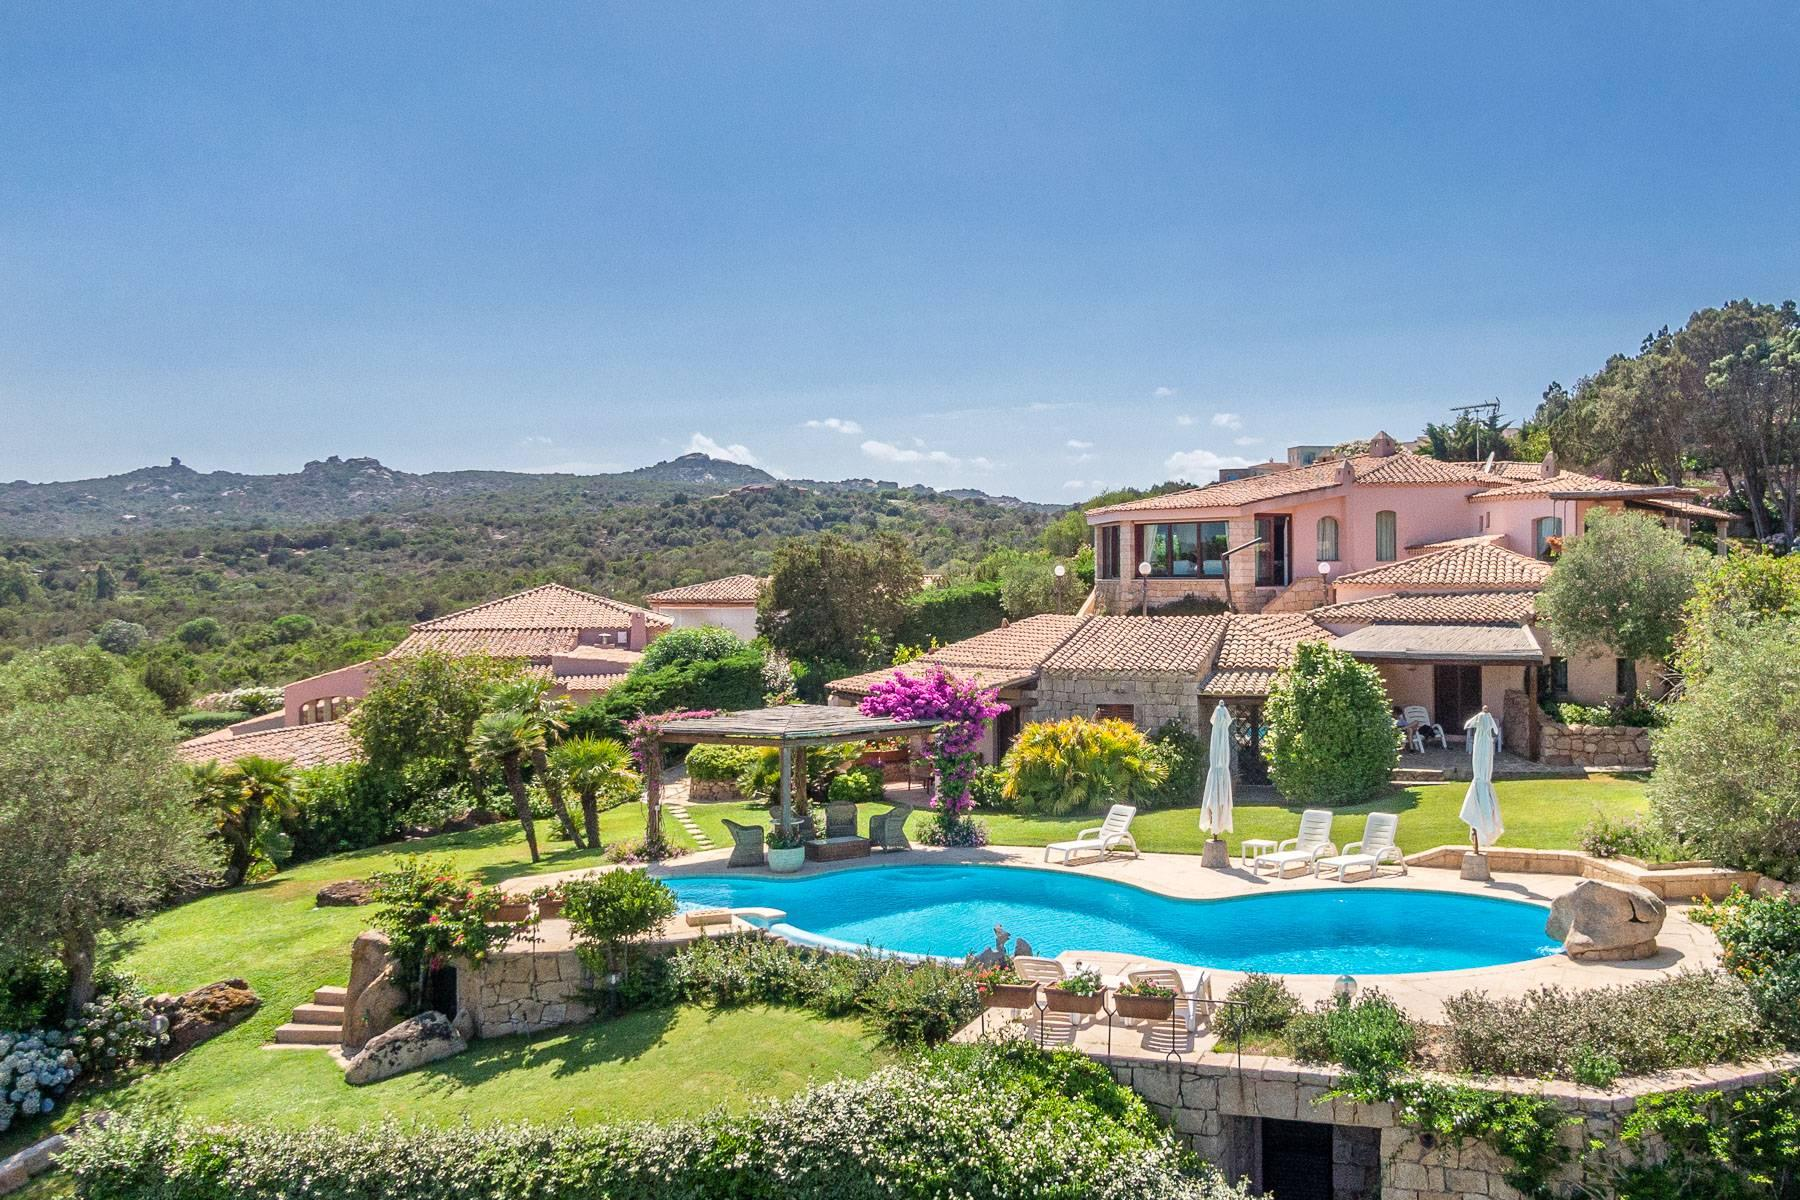 Bellissima villa indipendente con piscina a pochi passi dal Golf Club e Cala di Volpe - 6